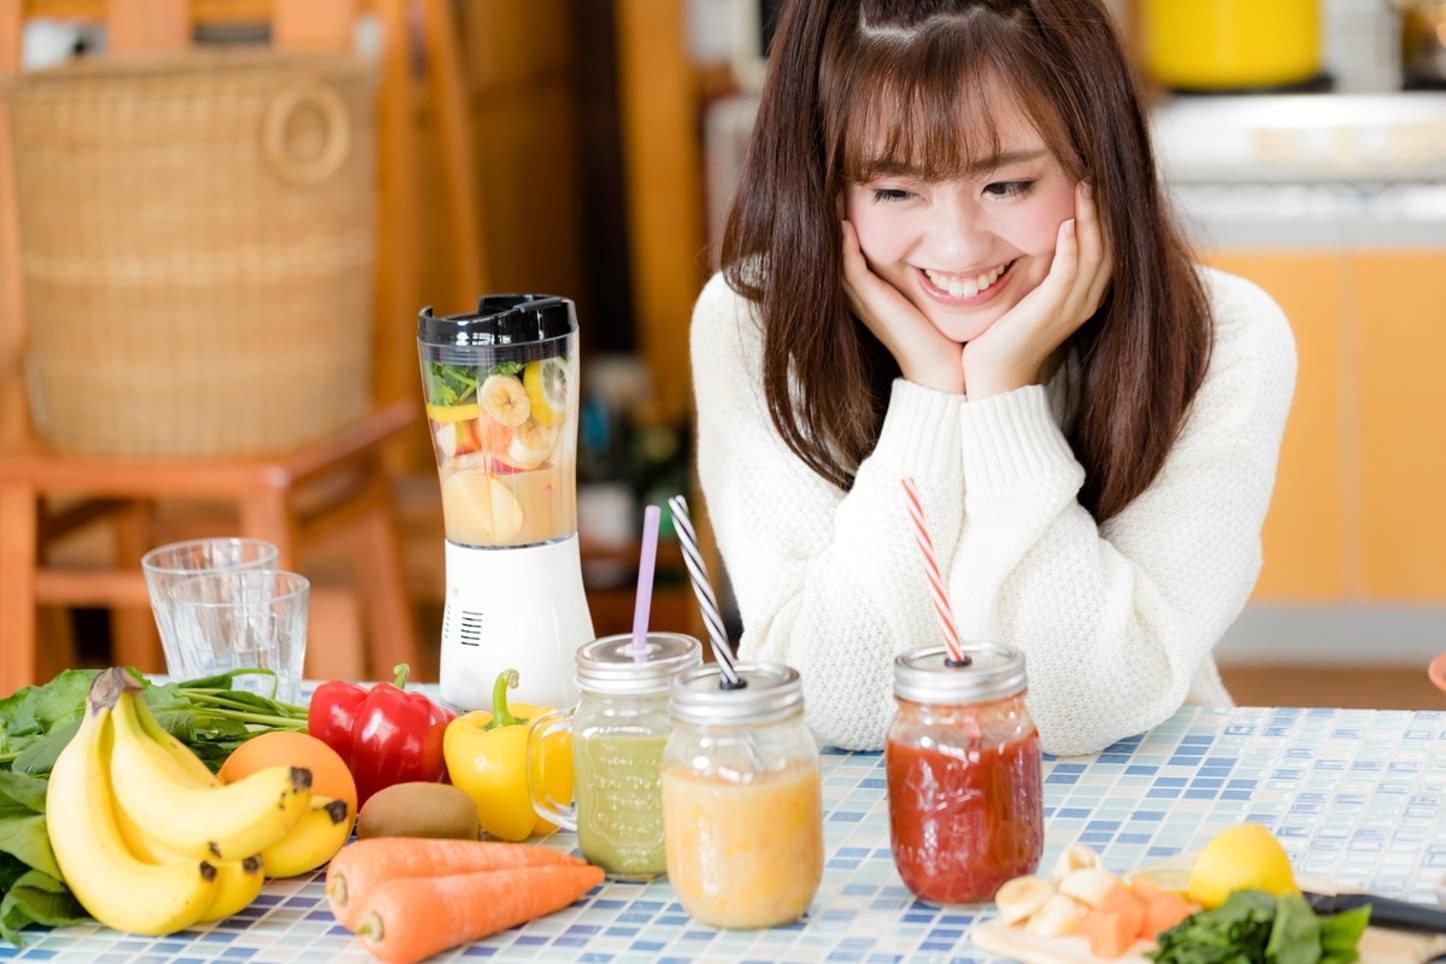 Smoothie Kawamura Yuka Pakutaso 29